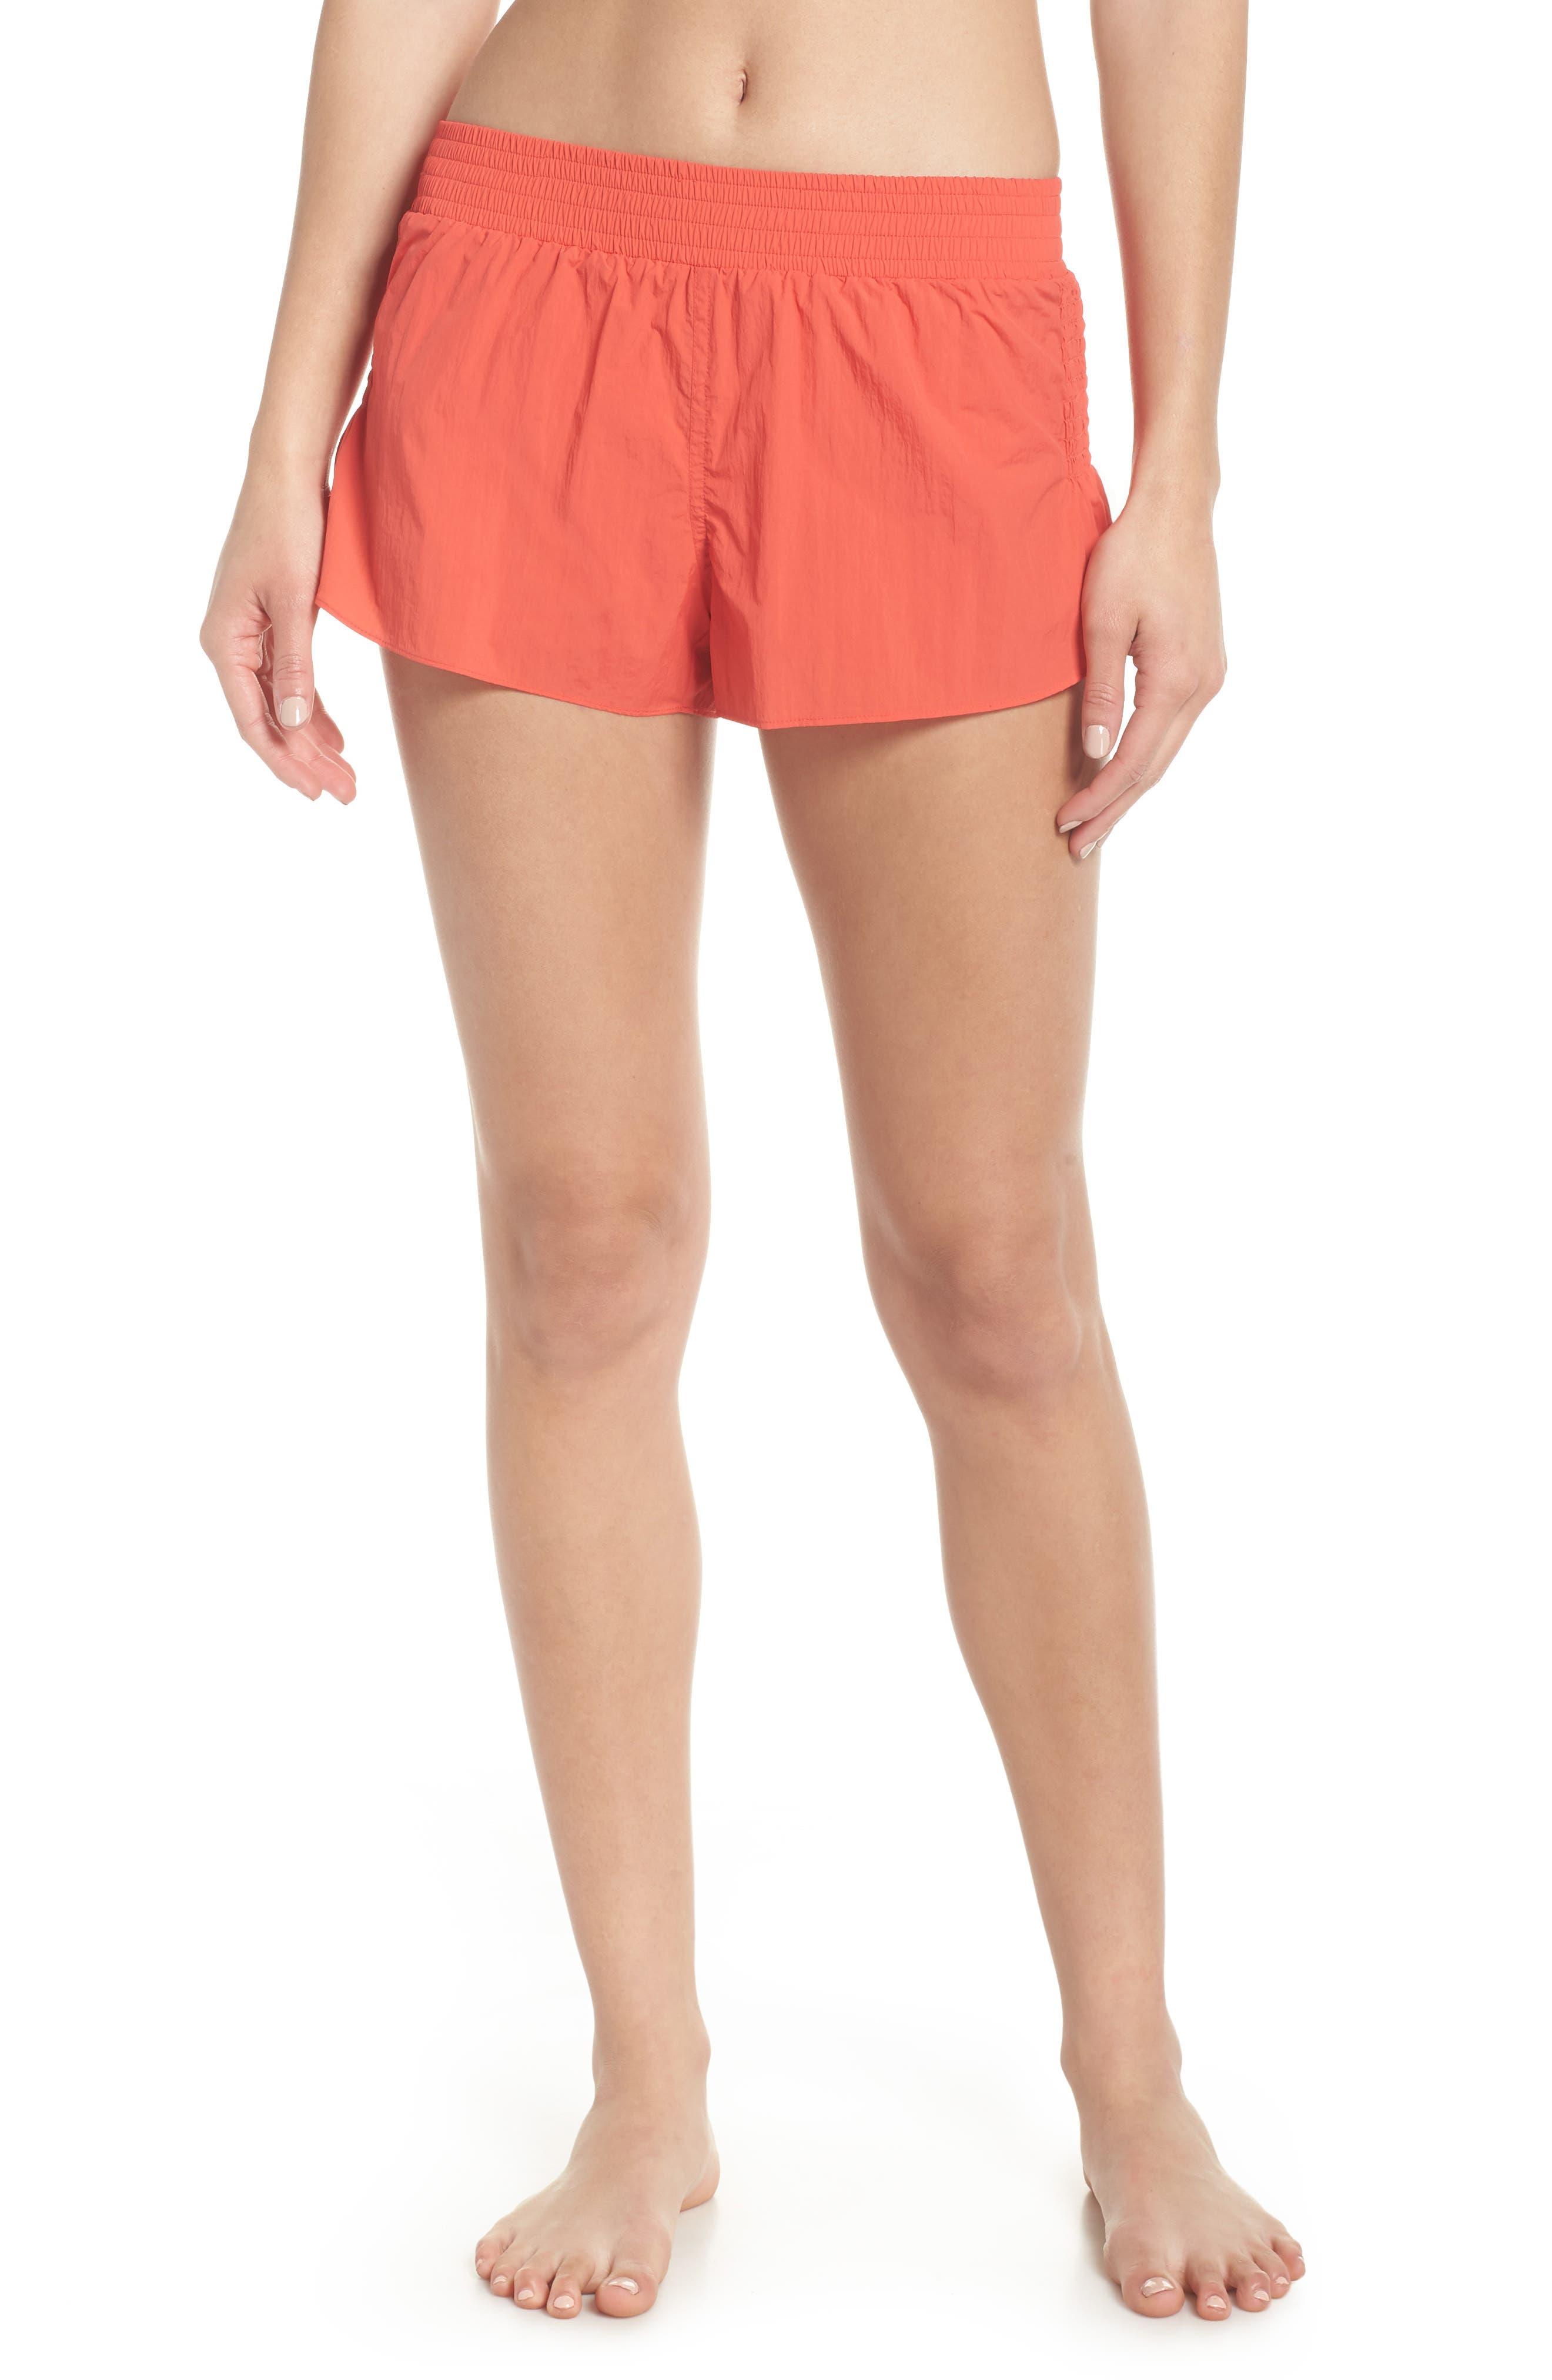 Fuji Shorts,                         Main,                         color, Coral